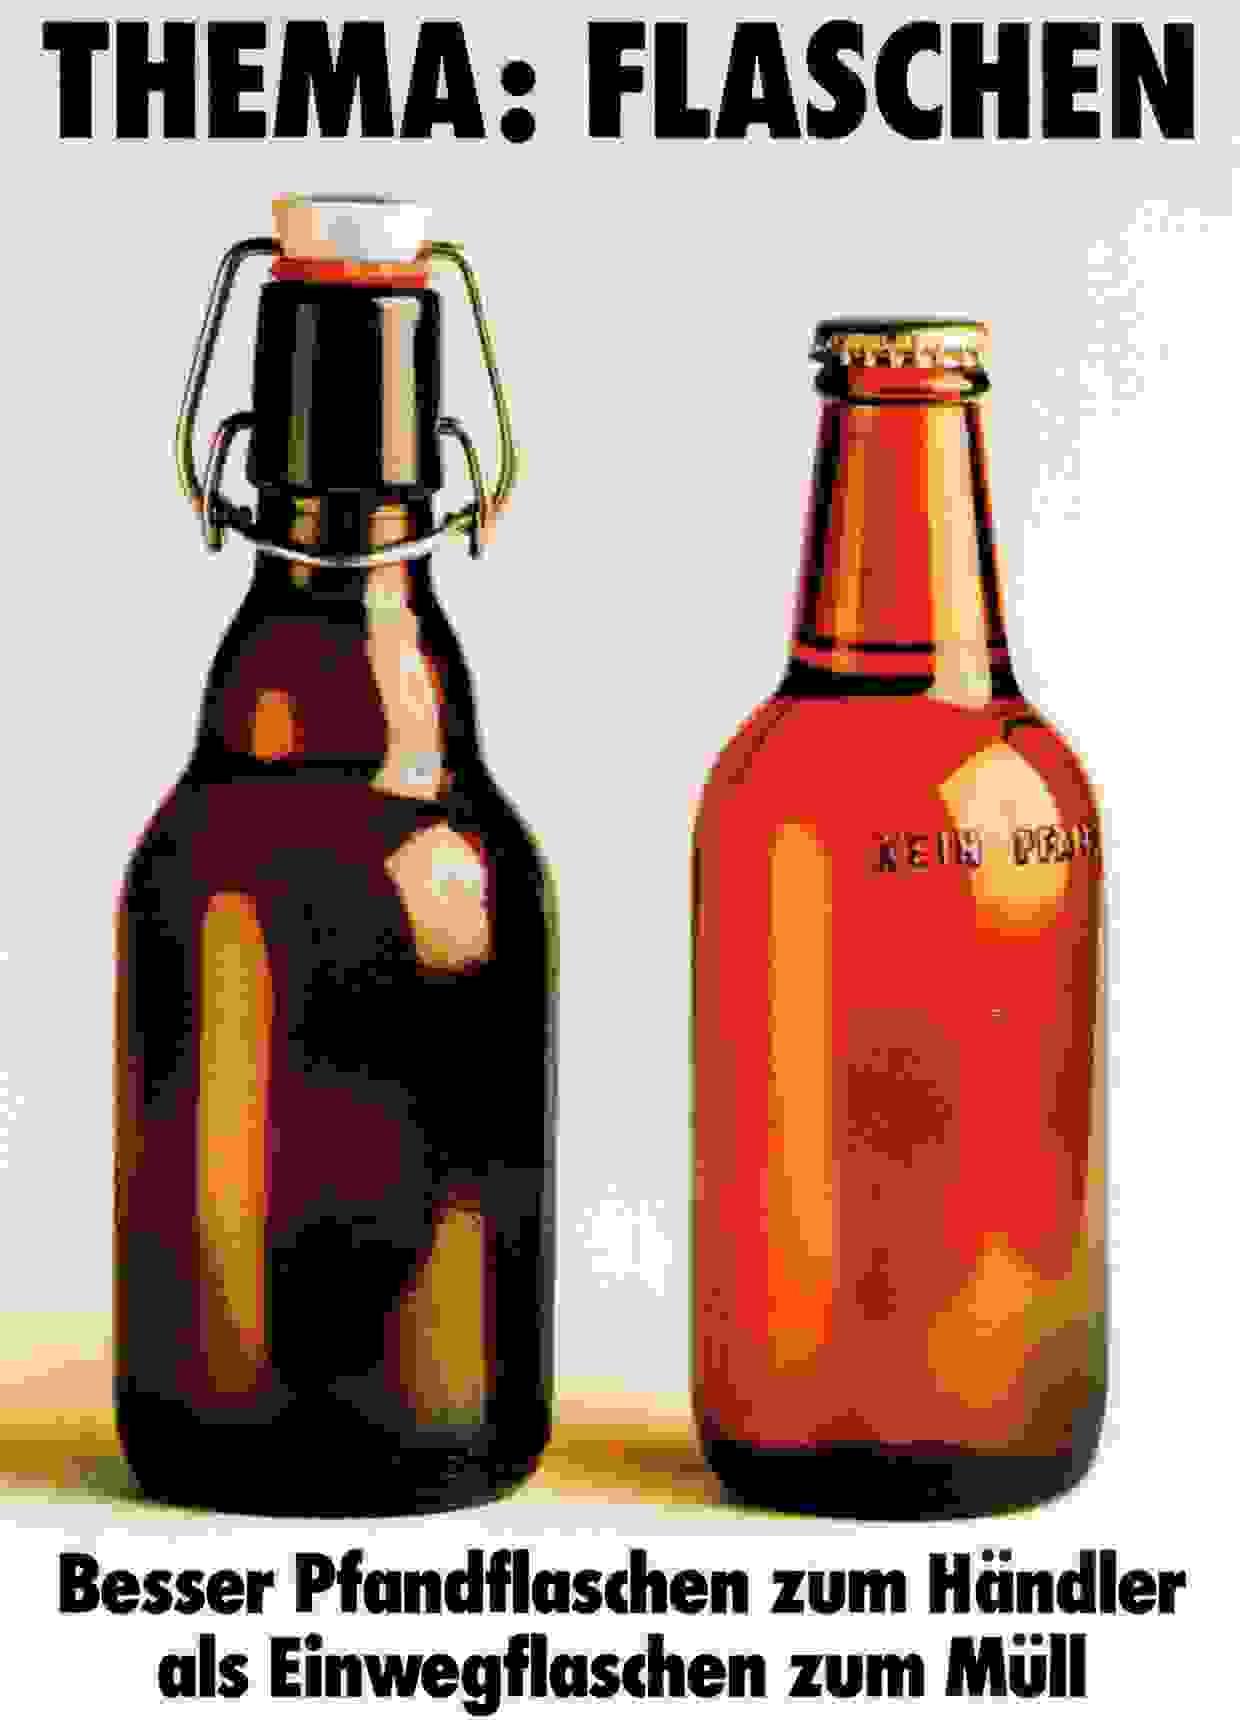 Thema Flaschen